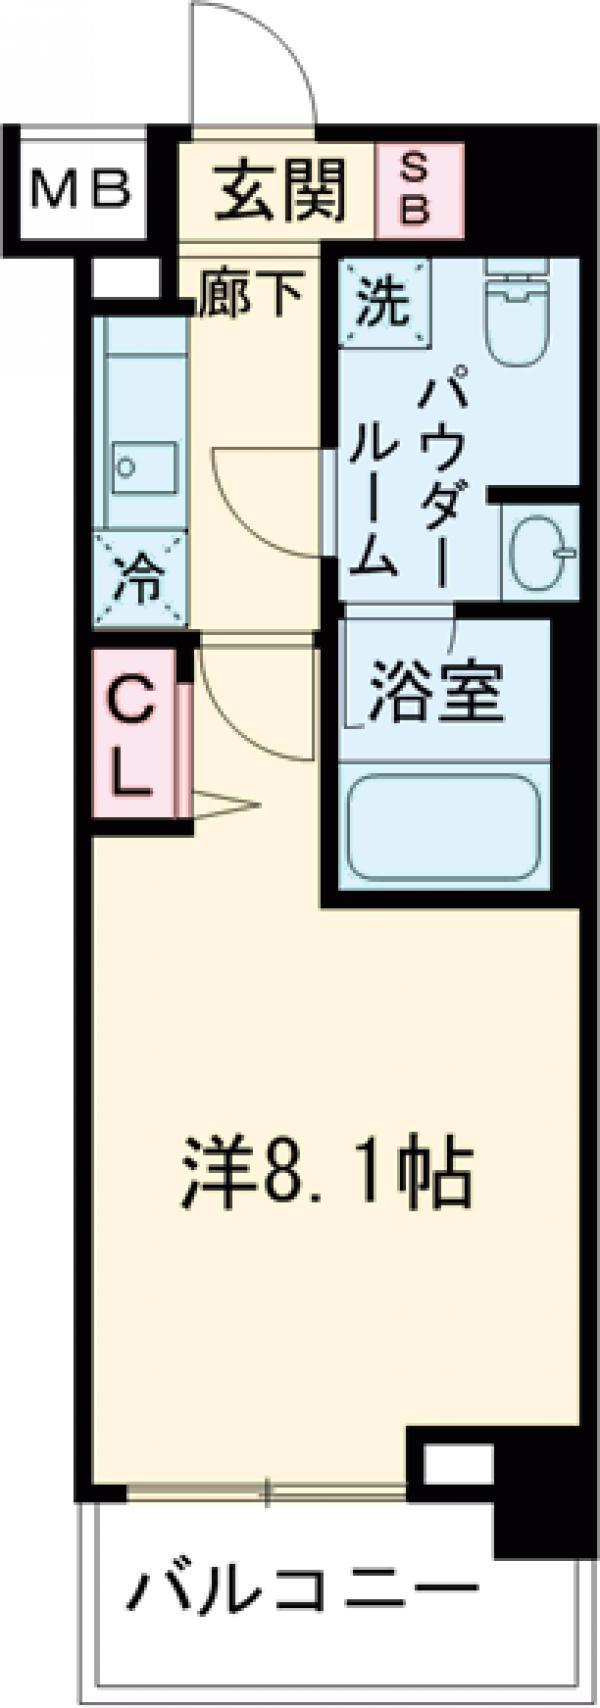 パティーナ東武練馬 302号室の間取り